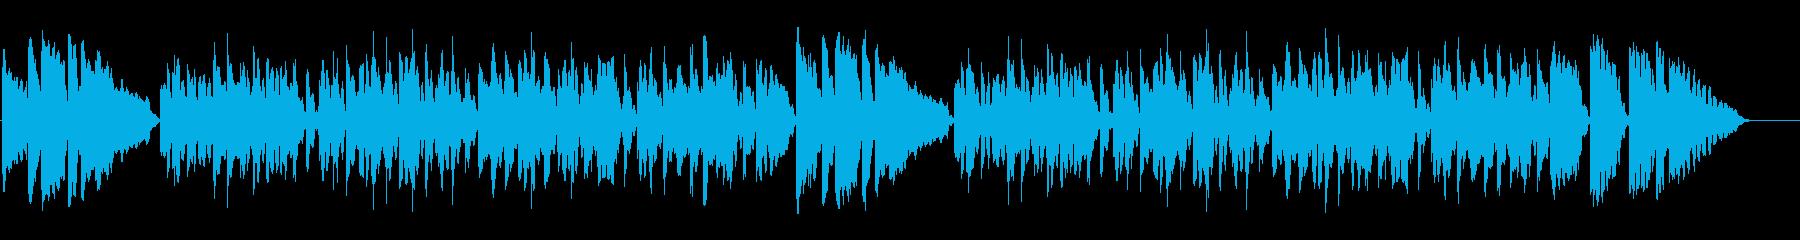 童謡こいのぼり 鉄琴でやさしくかわいいの再生済みの波形